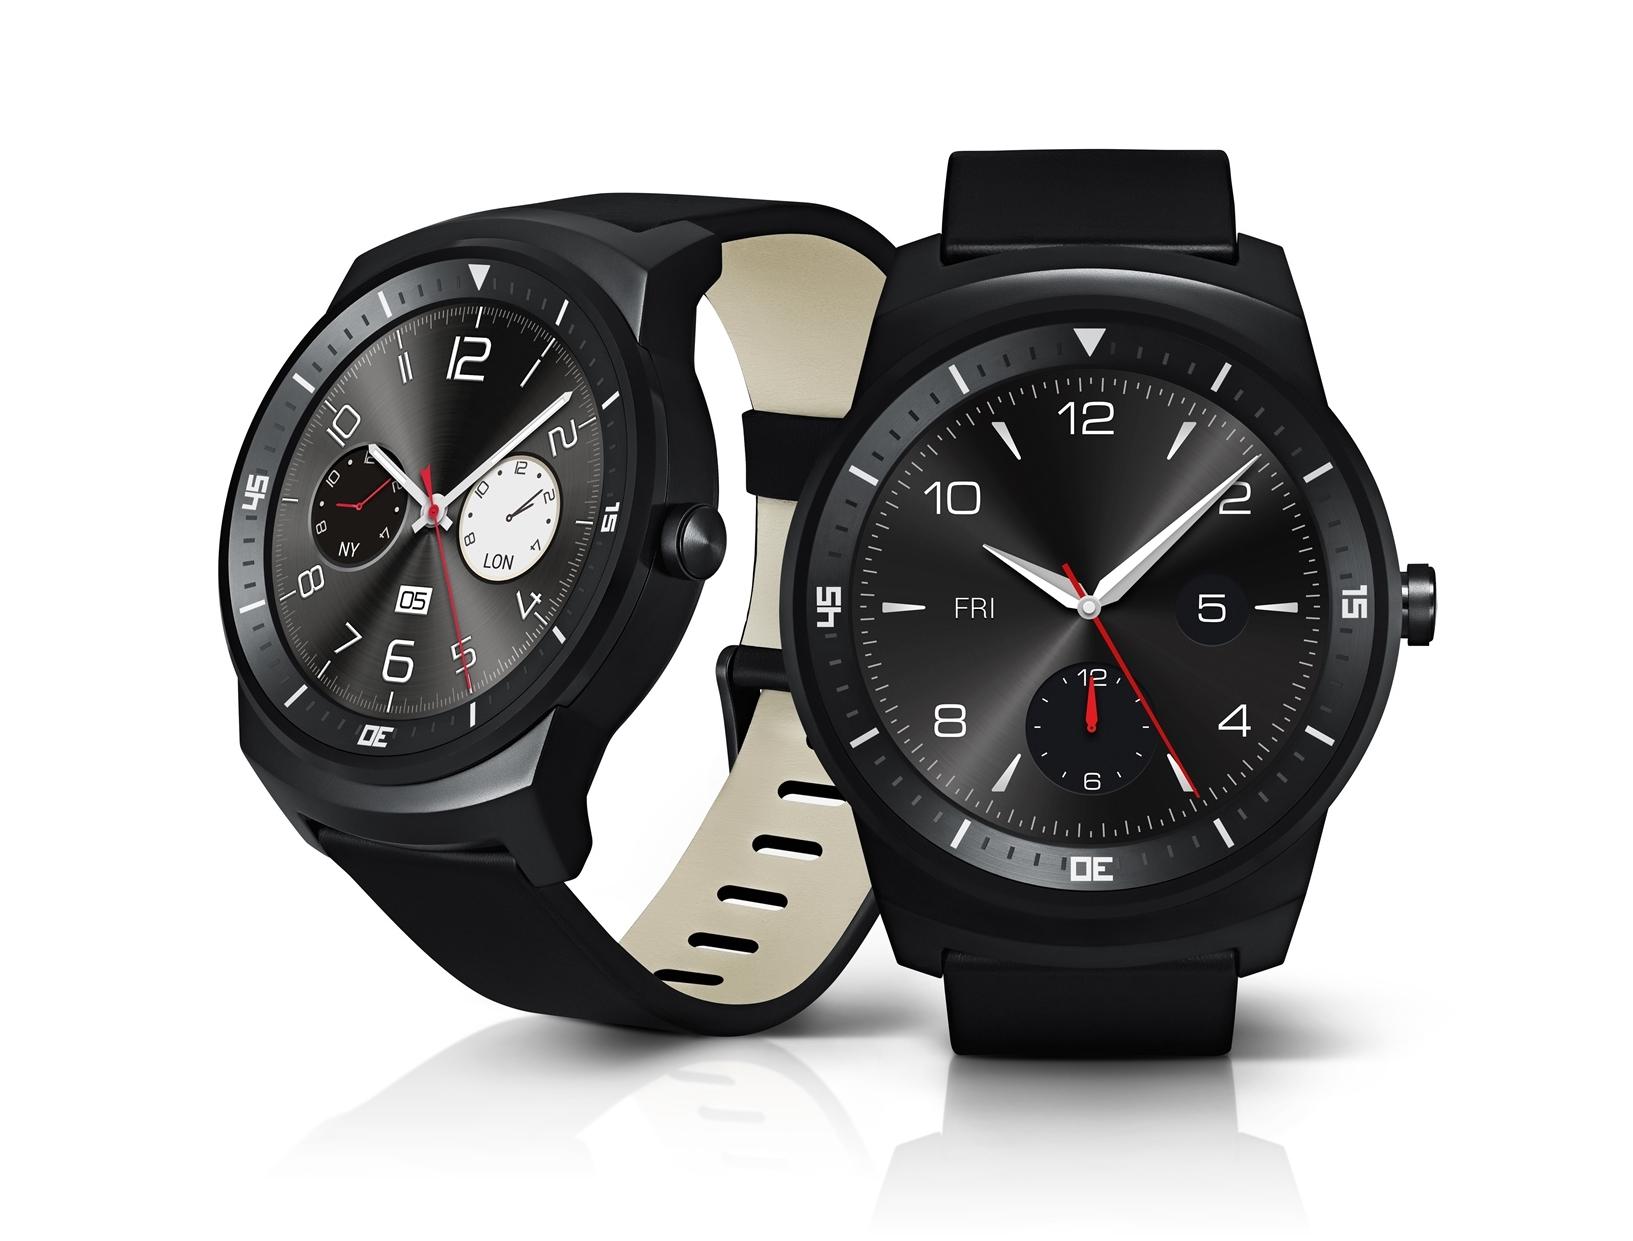 El LG G Watch R se convierte en el primer smartwatch con display circular